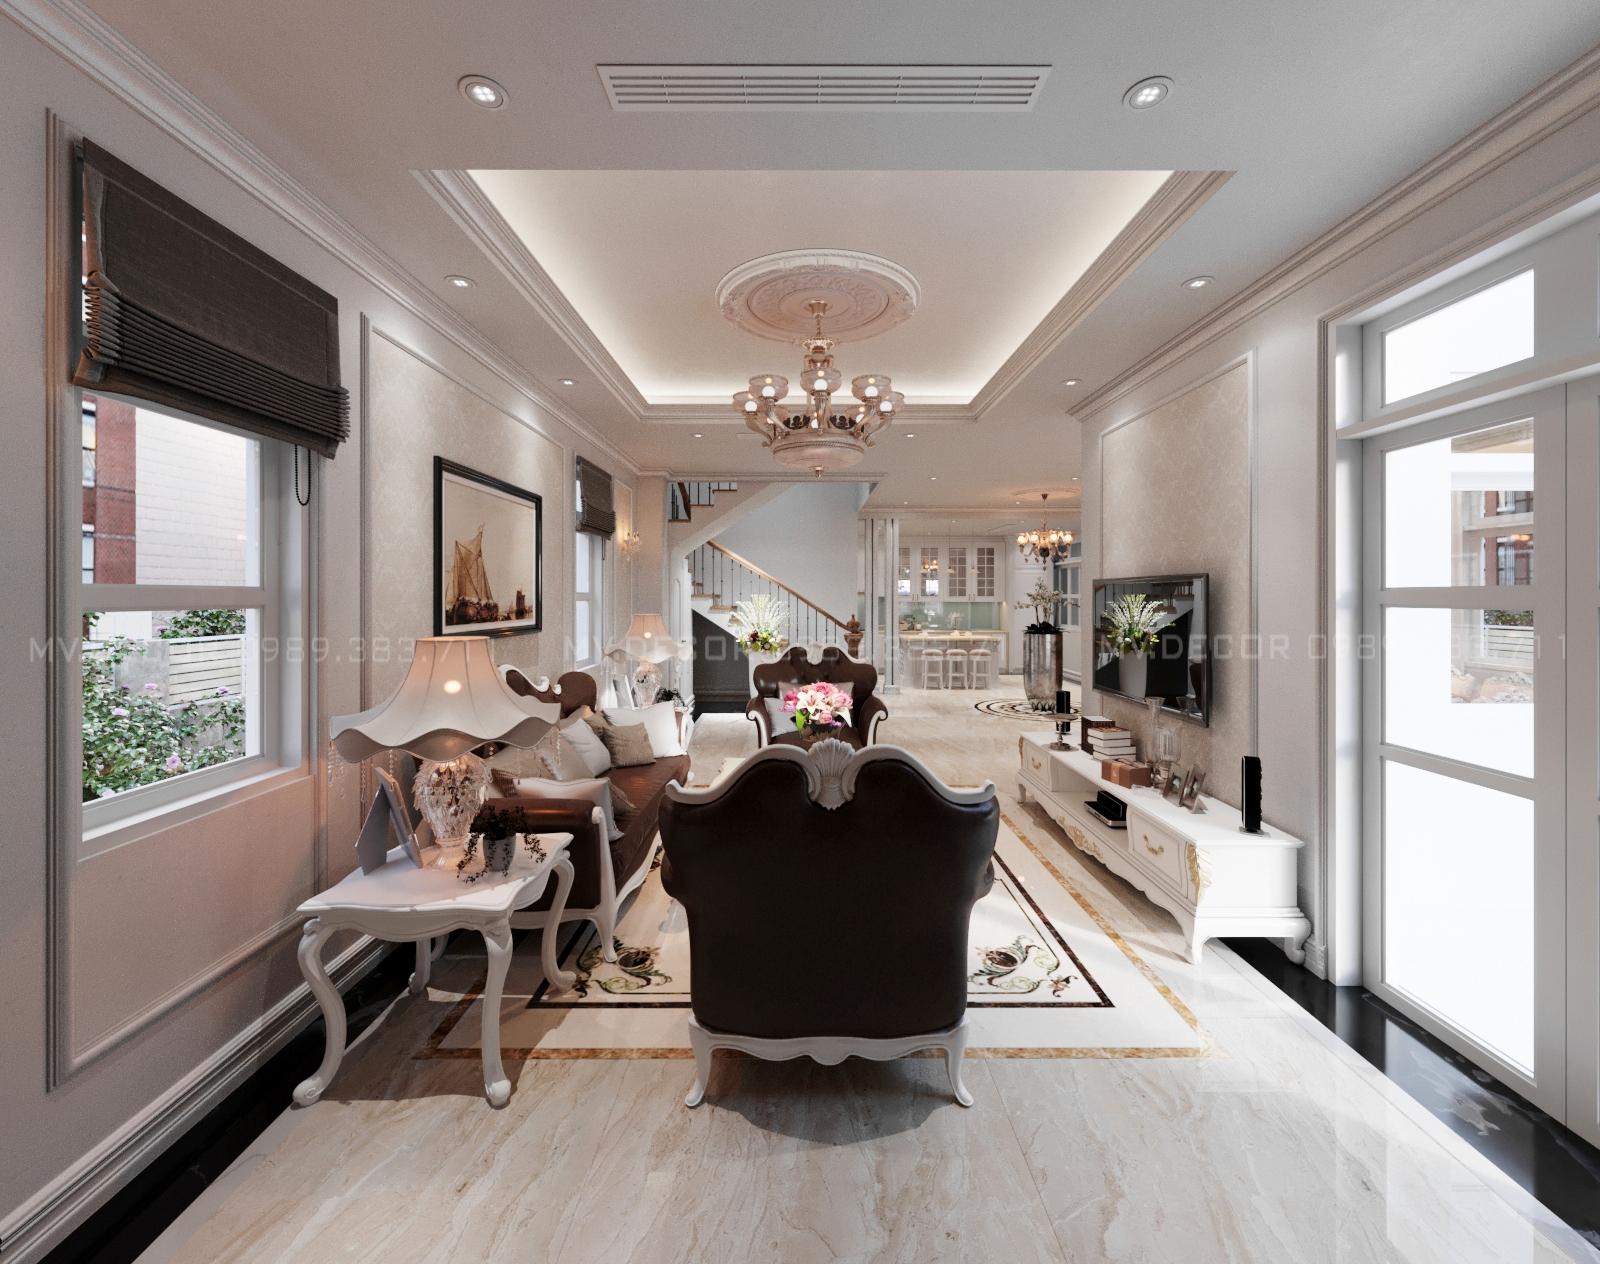 thiết kế nội thất Biệt Thự tại Hải Phòng BT VENICE 6-26 1 1564932011